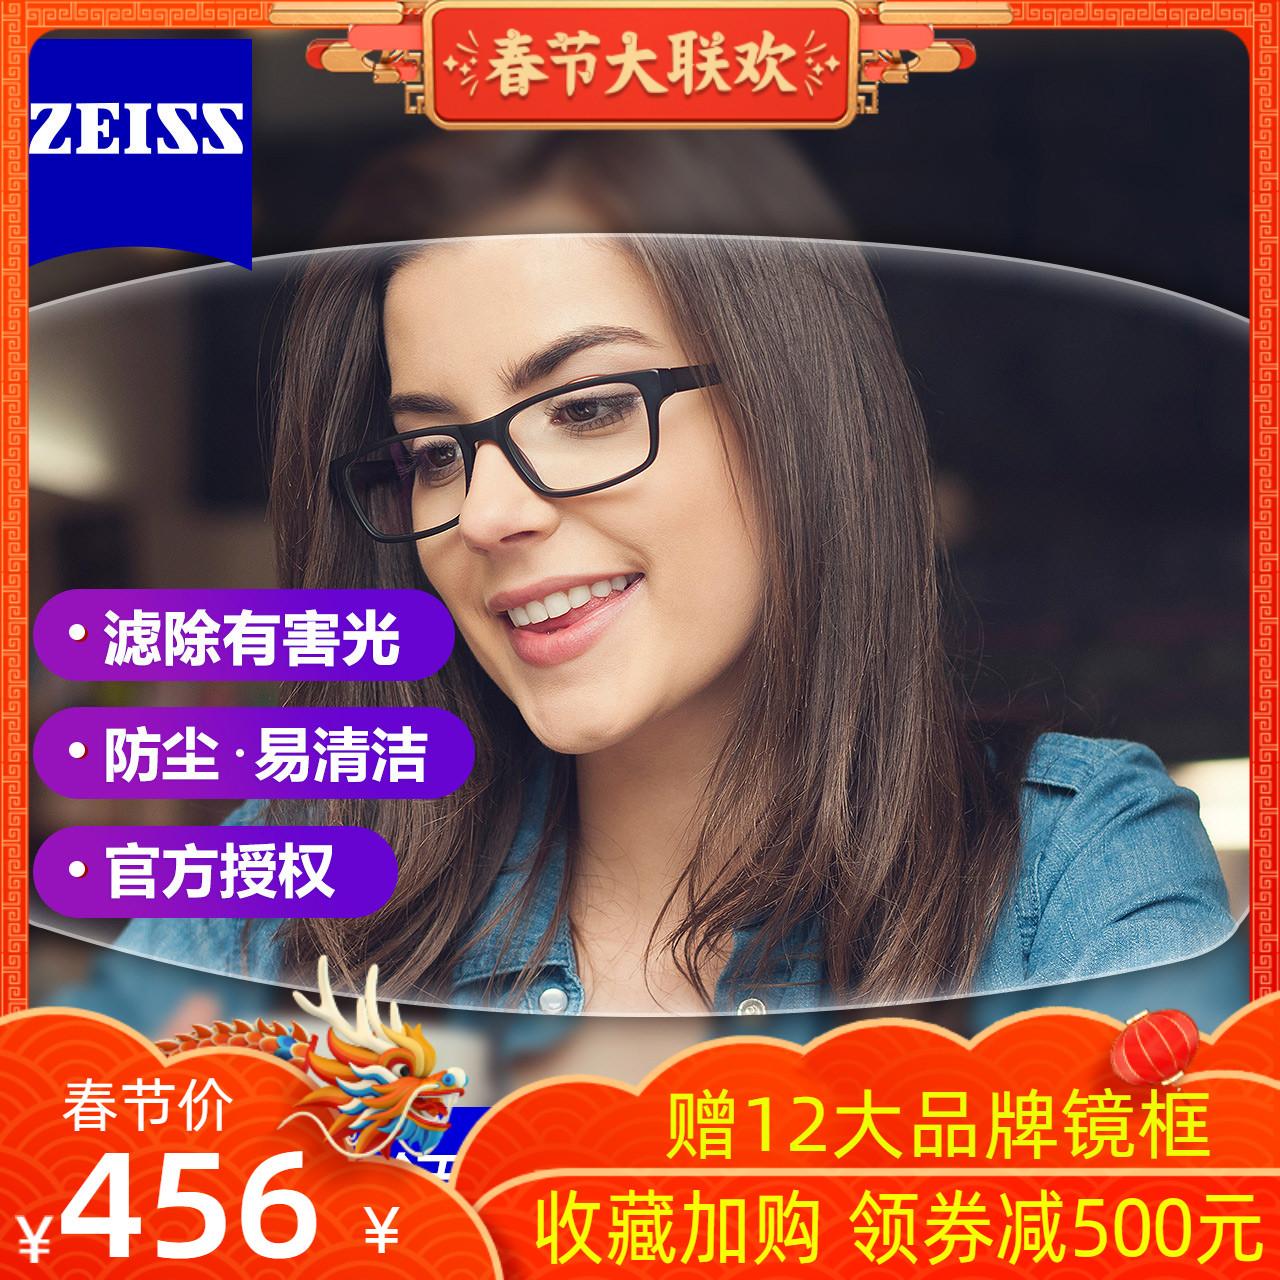 卡尔蔡司眼镜片新清锐铂金膜1.74超薄a系列莲花非球面配1.67